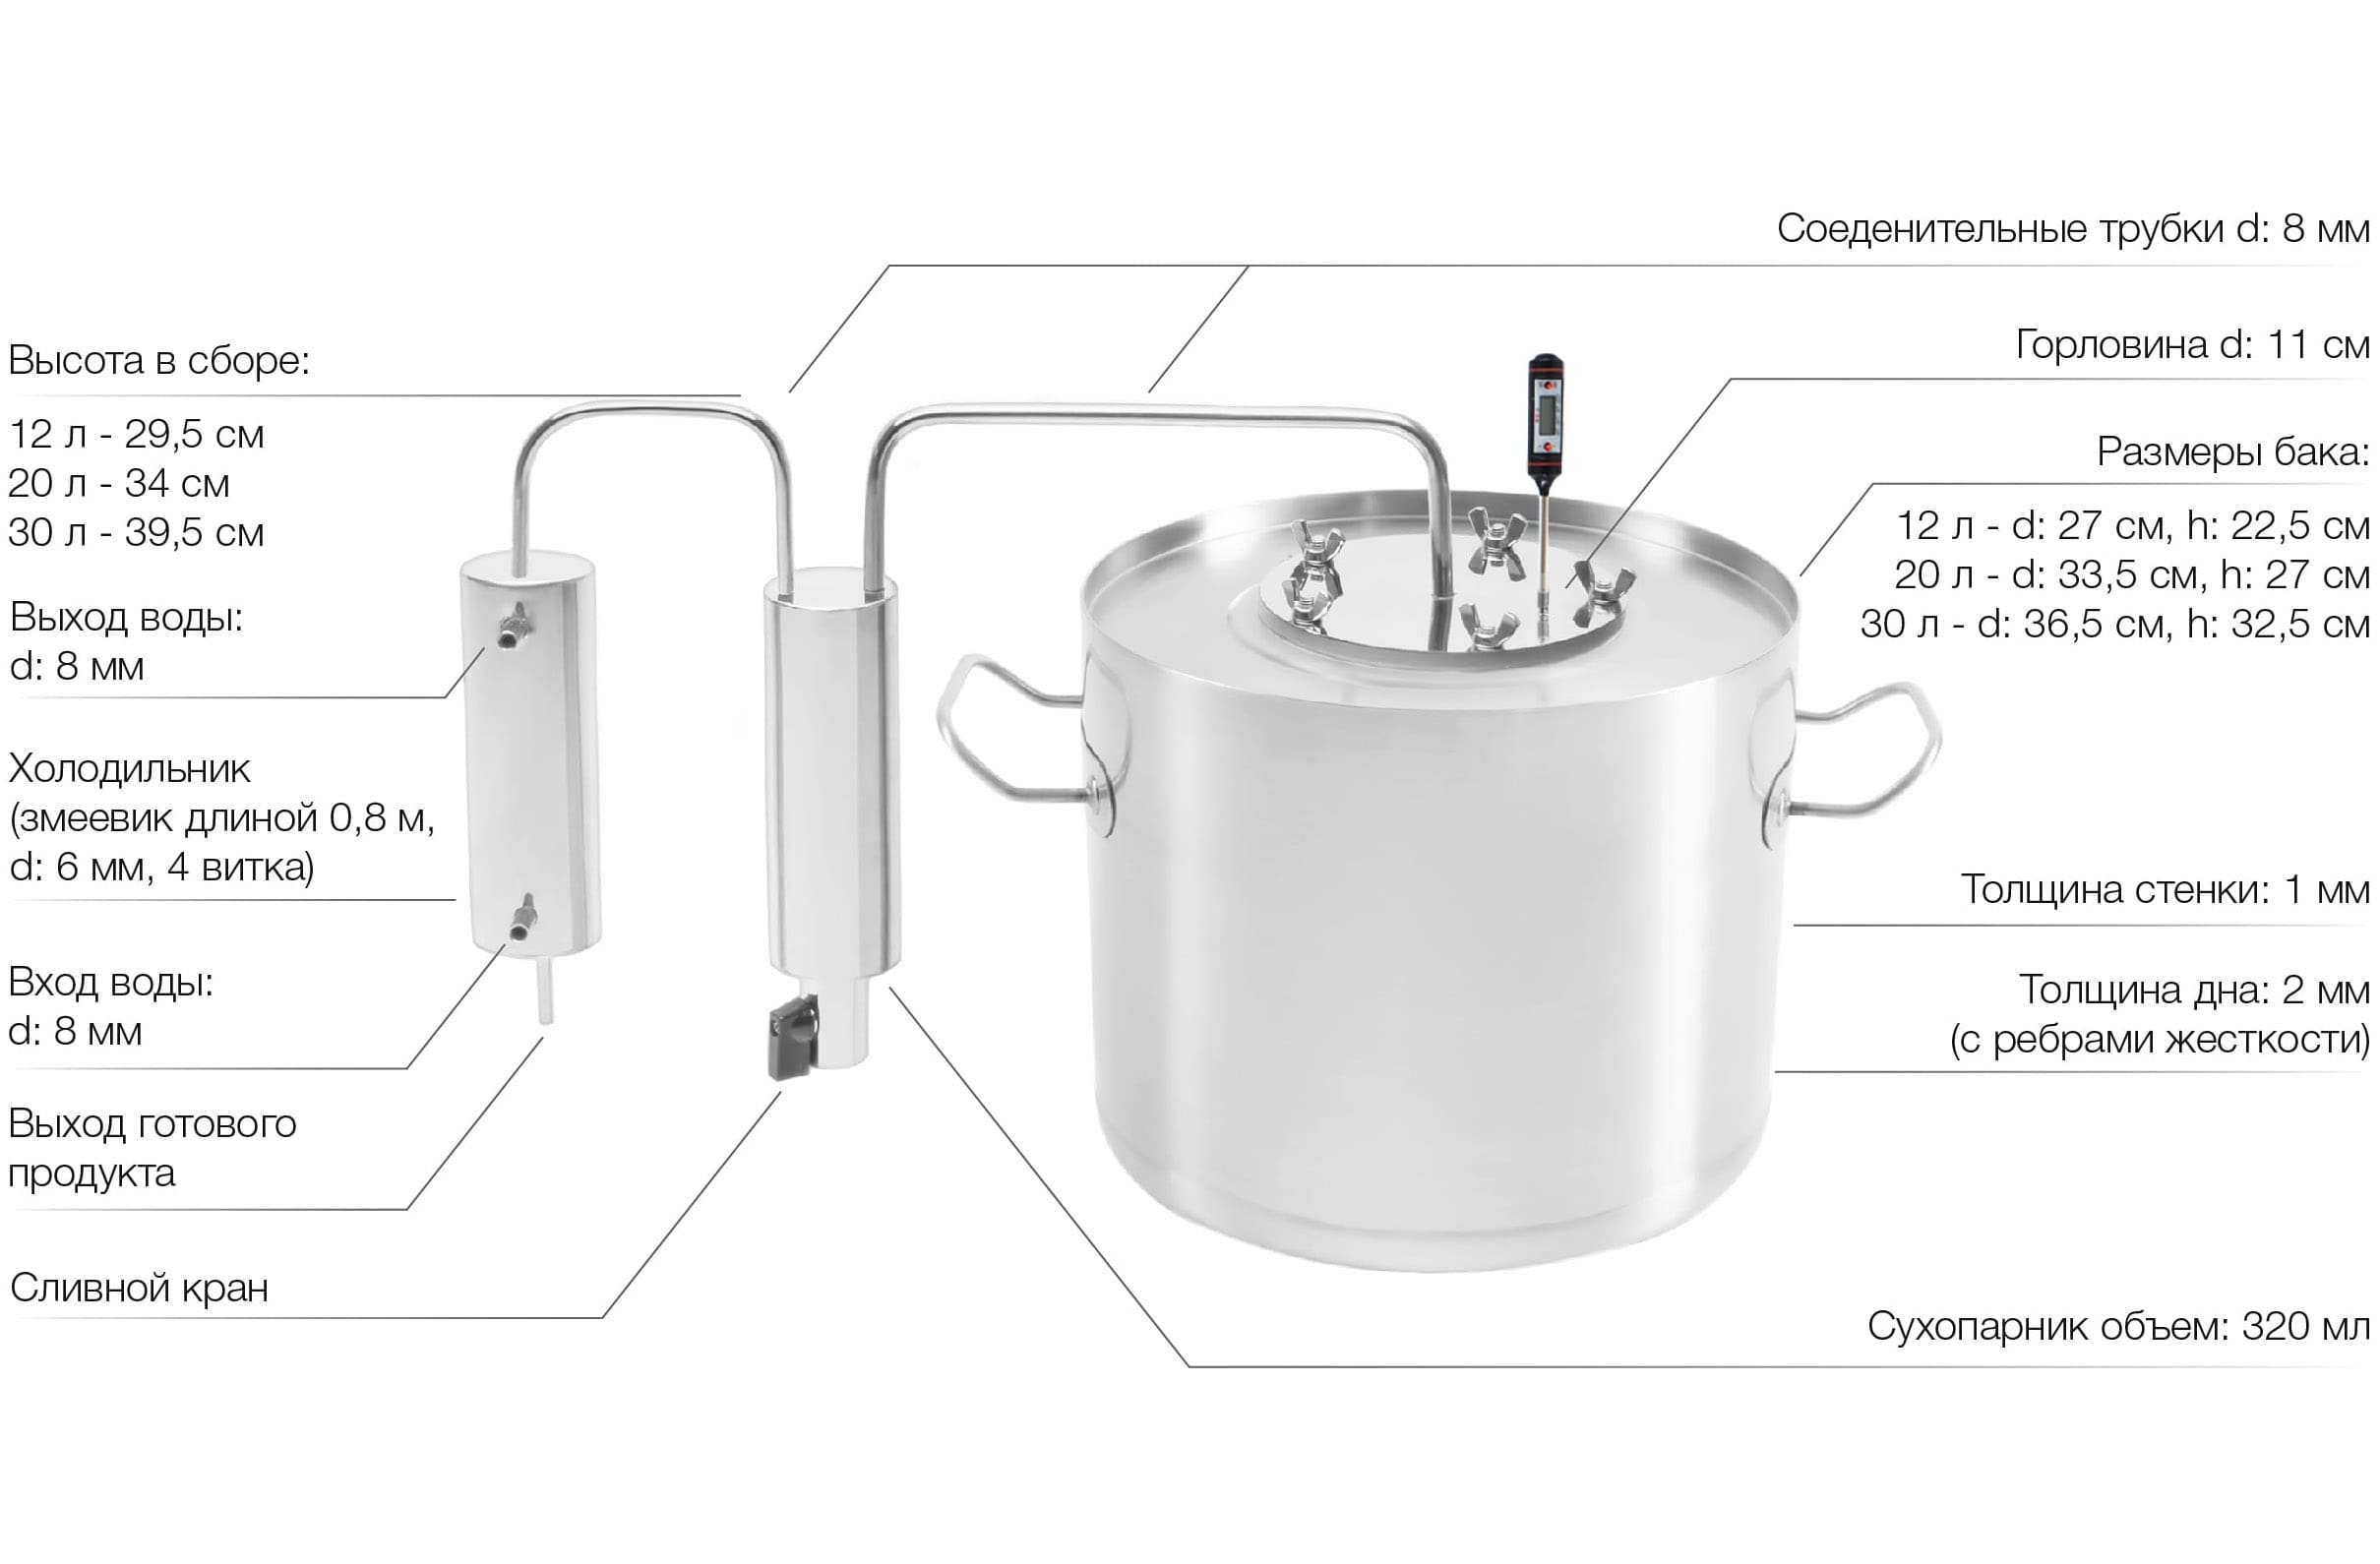 Купить самогонный аппарат вагнер по акции как делать гидролат на самогонном аппарате